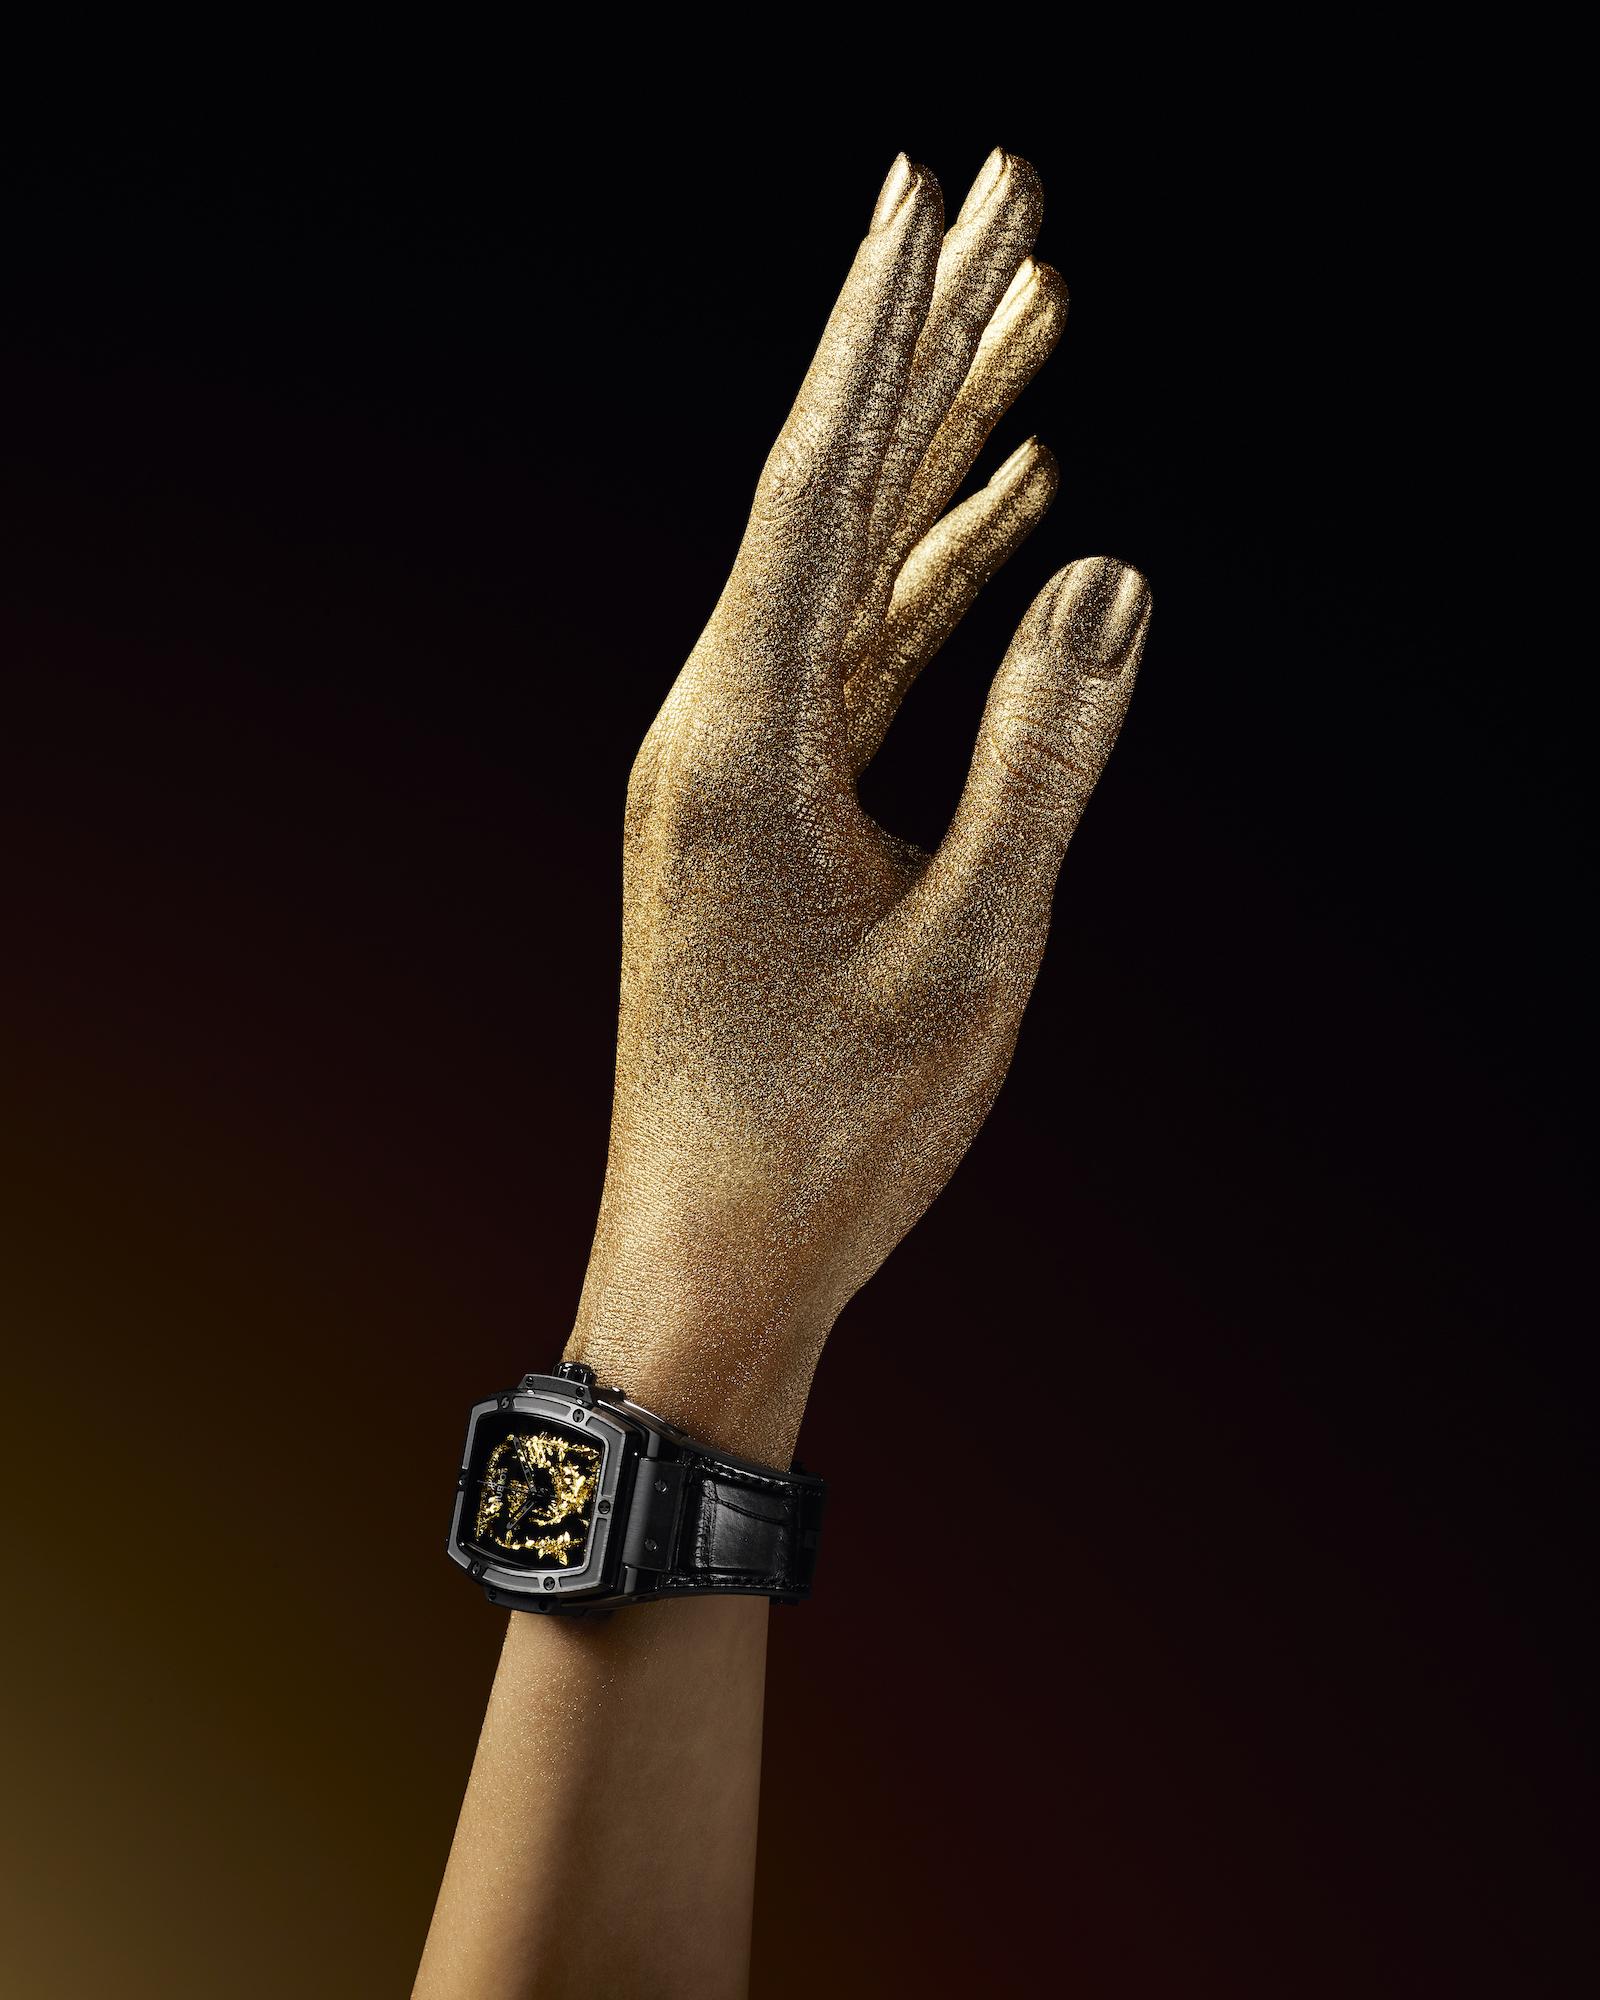 Hublot Spirit of Big Bang Gold Crystal Lifestyle wristshot